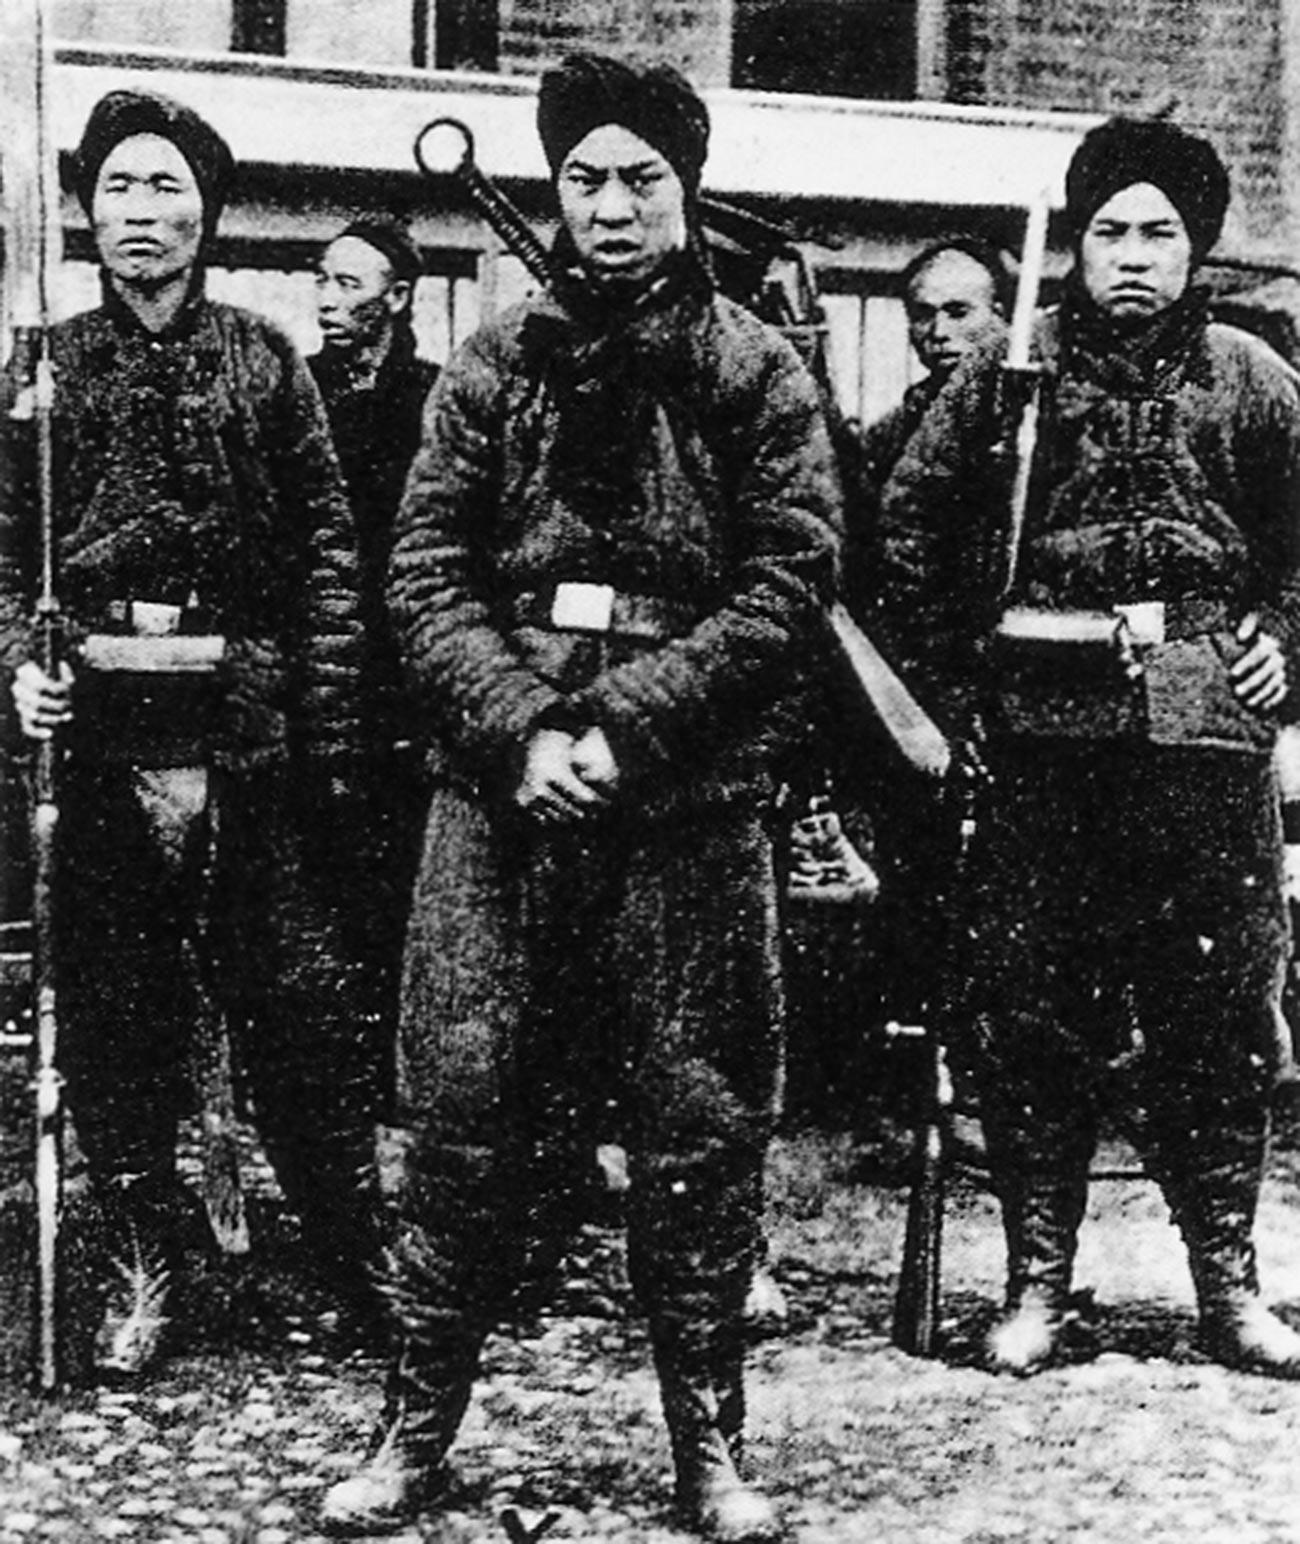 Des membres de la société secrète chinoise Les Poings de la justice et de la concorde